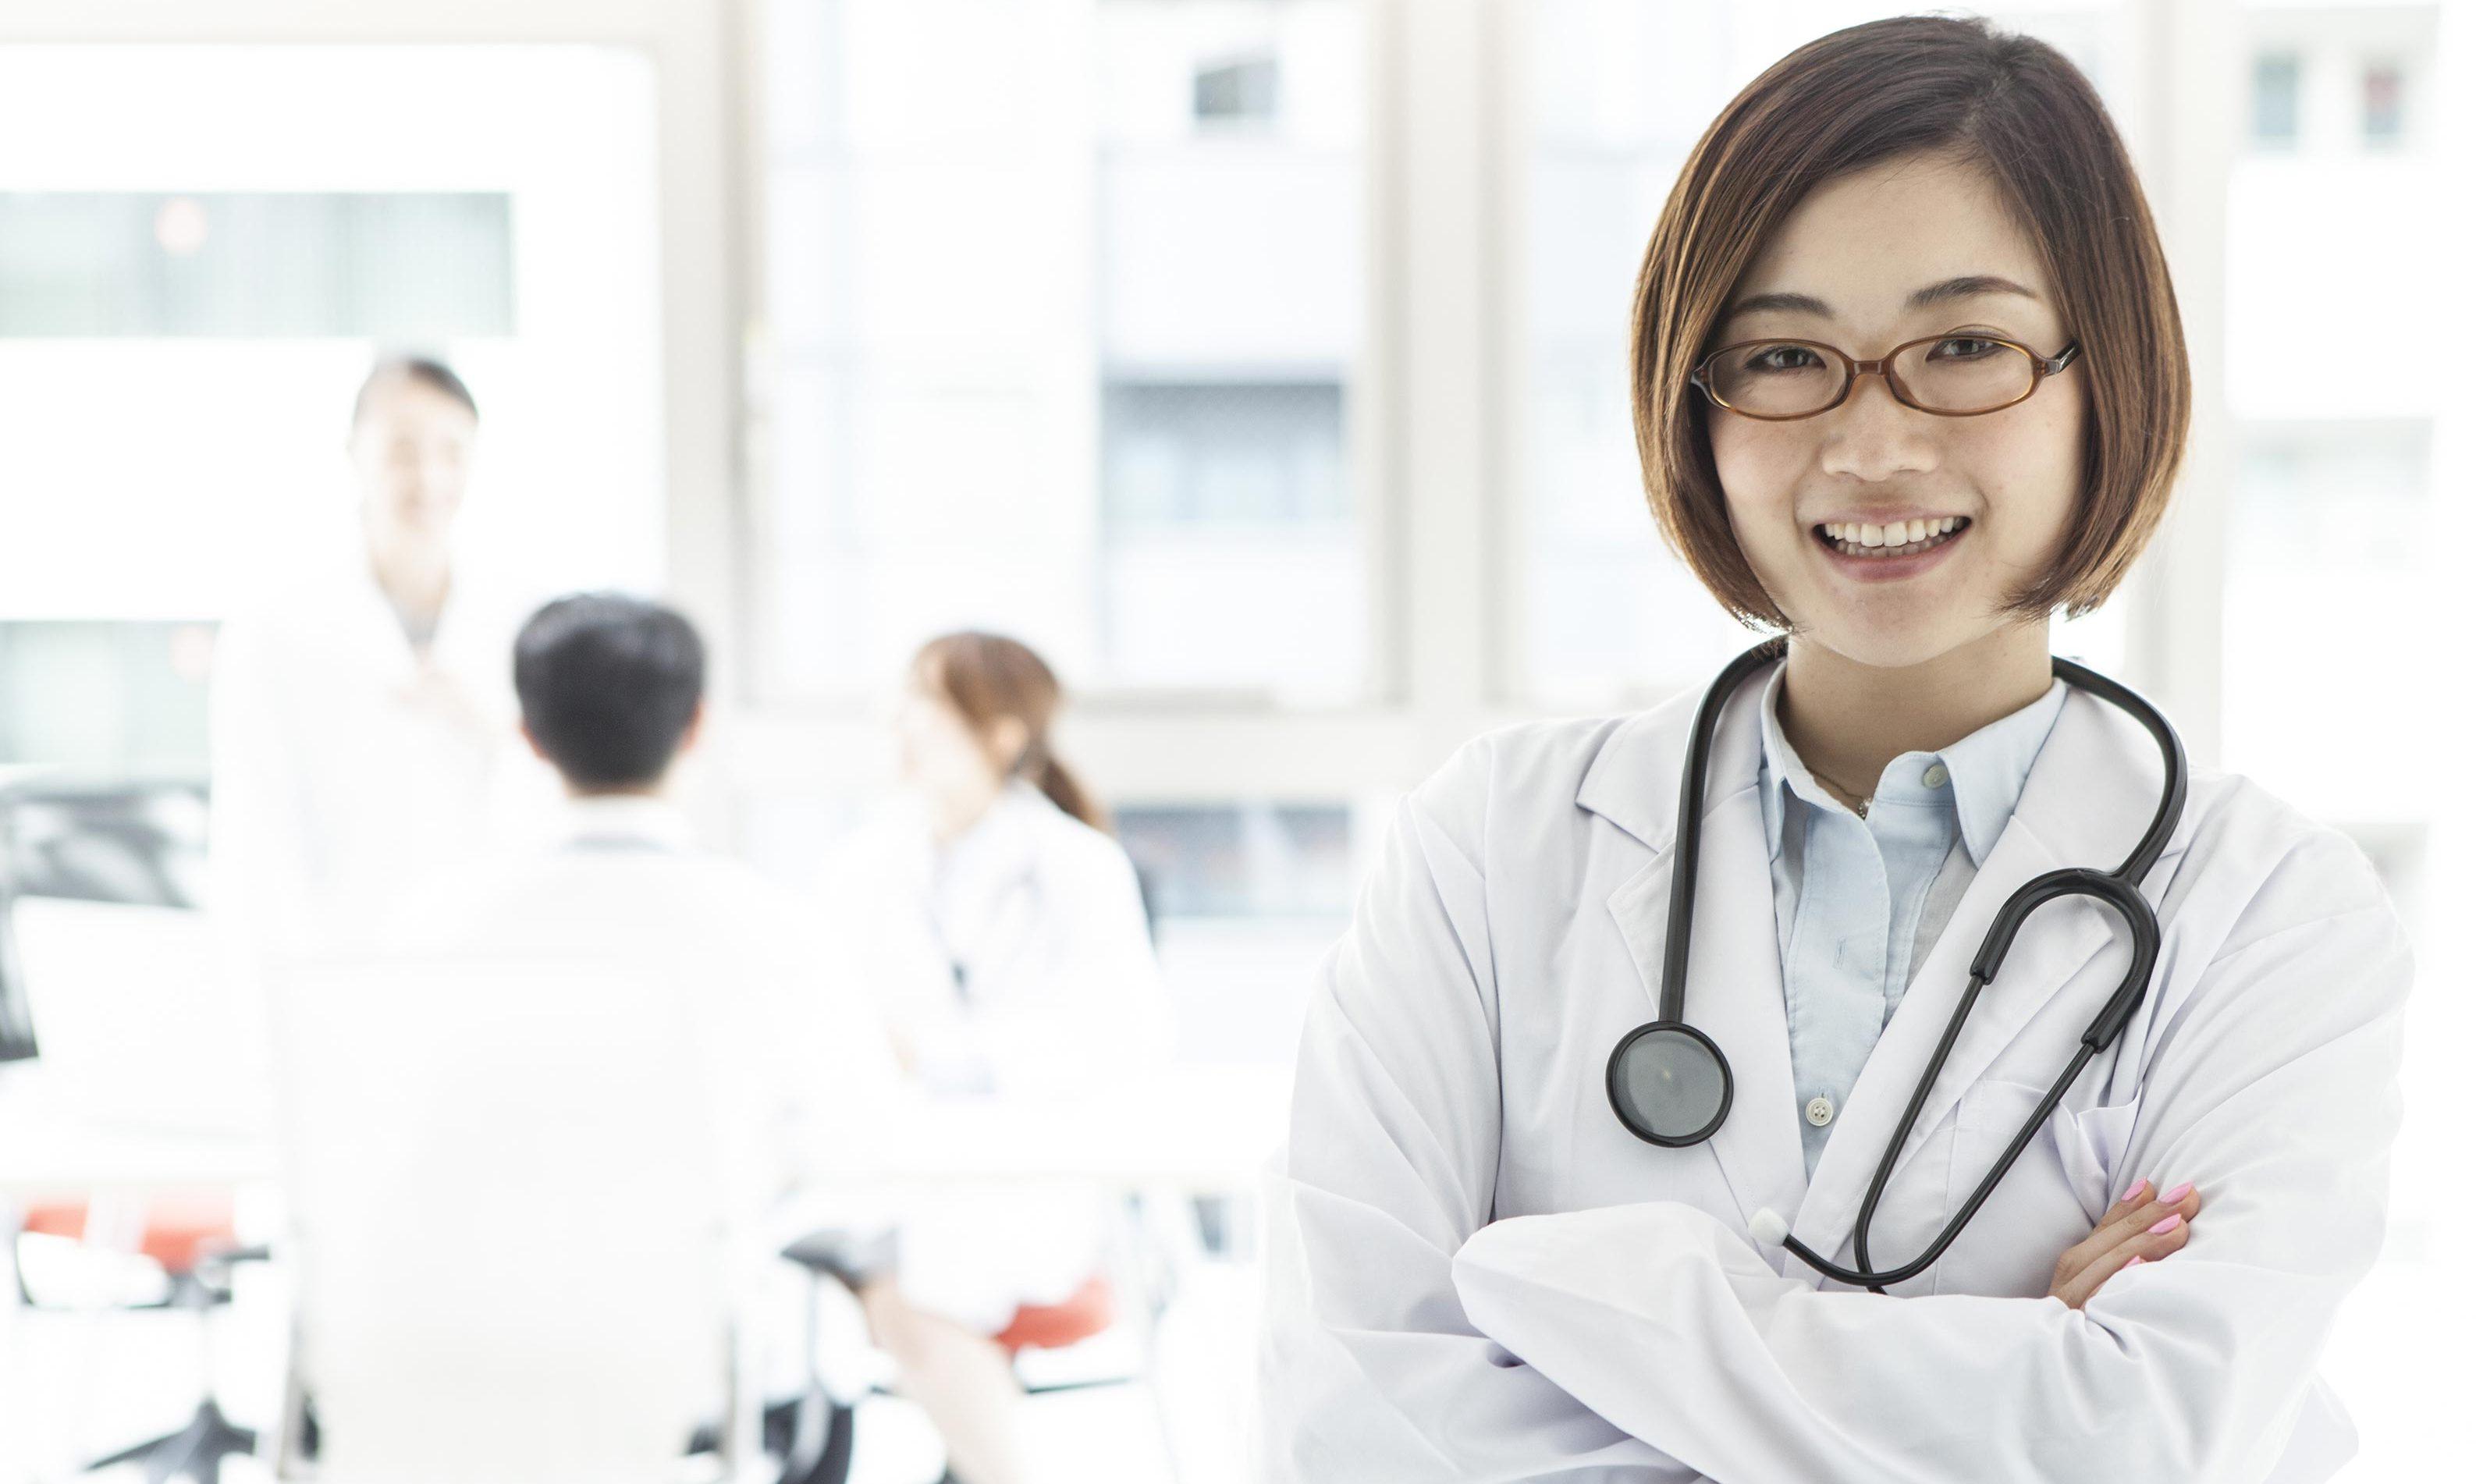 臨床研究のプロトコルの概要を効果的なものにするための、5つの秘訣